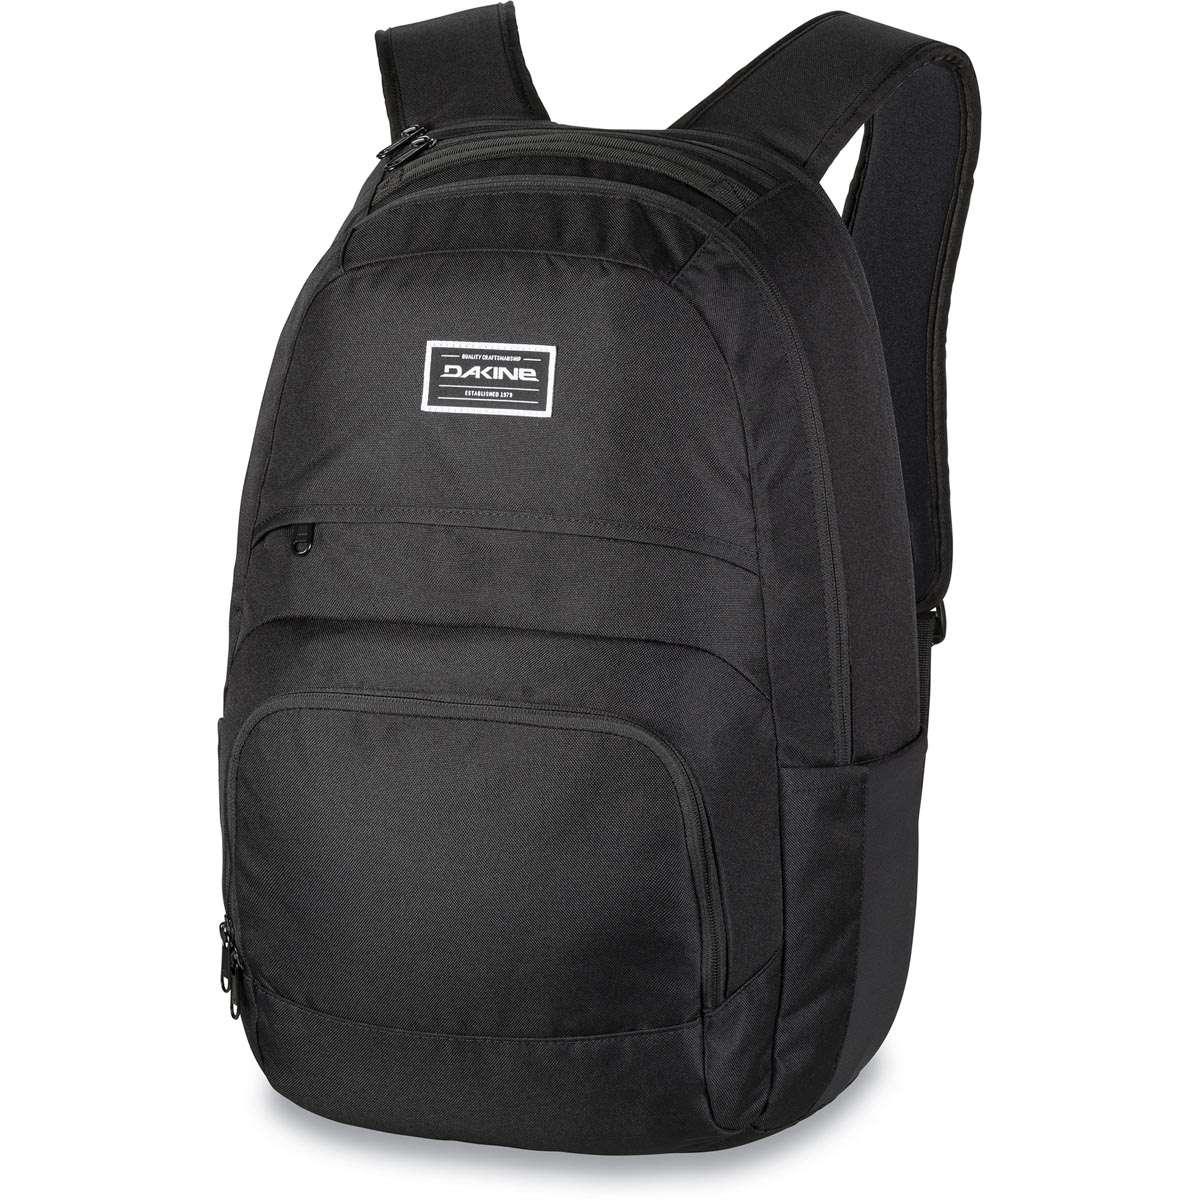 e41c7a8dc6518 Dakine Campus DLX 33L Backpack Black